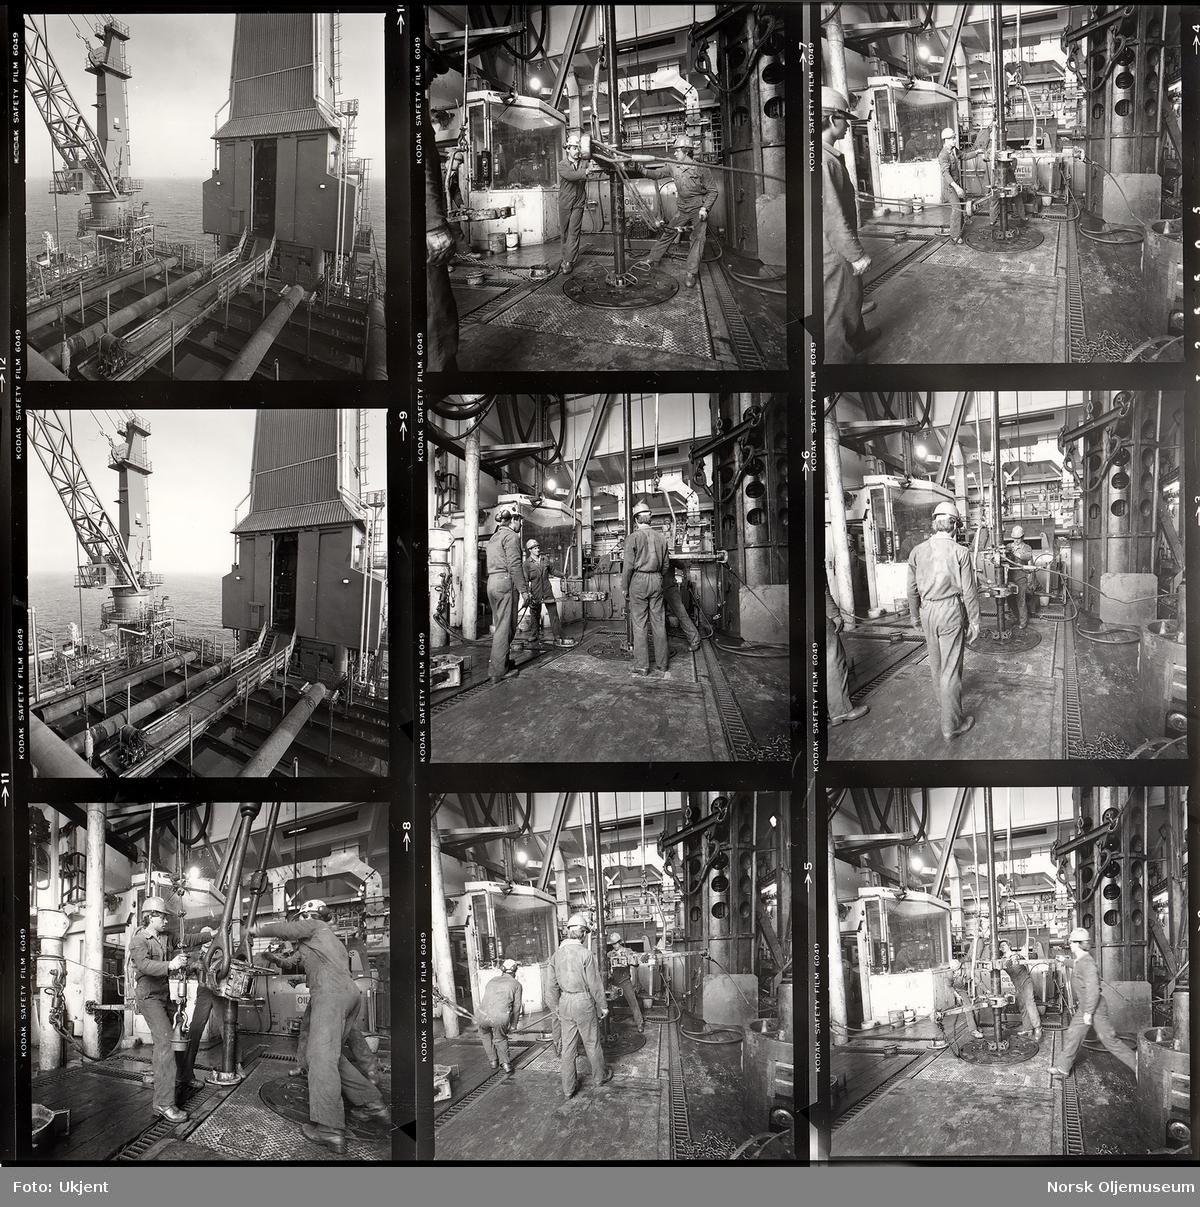 Contact sheet med foto fra arbeid på boredekket. Da DP ble tatt i bruk 17. desember 1981, var det med Norges første tildekkede boretårn.  Tidlig fase i Valhall-feltets utvikling.